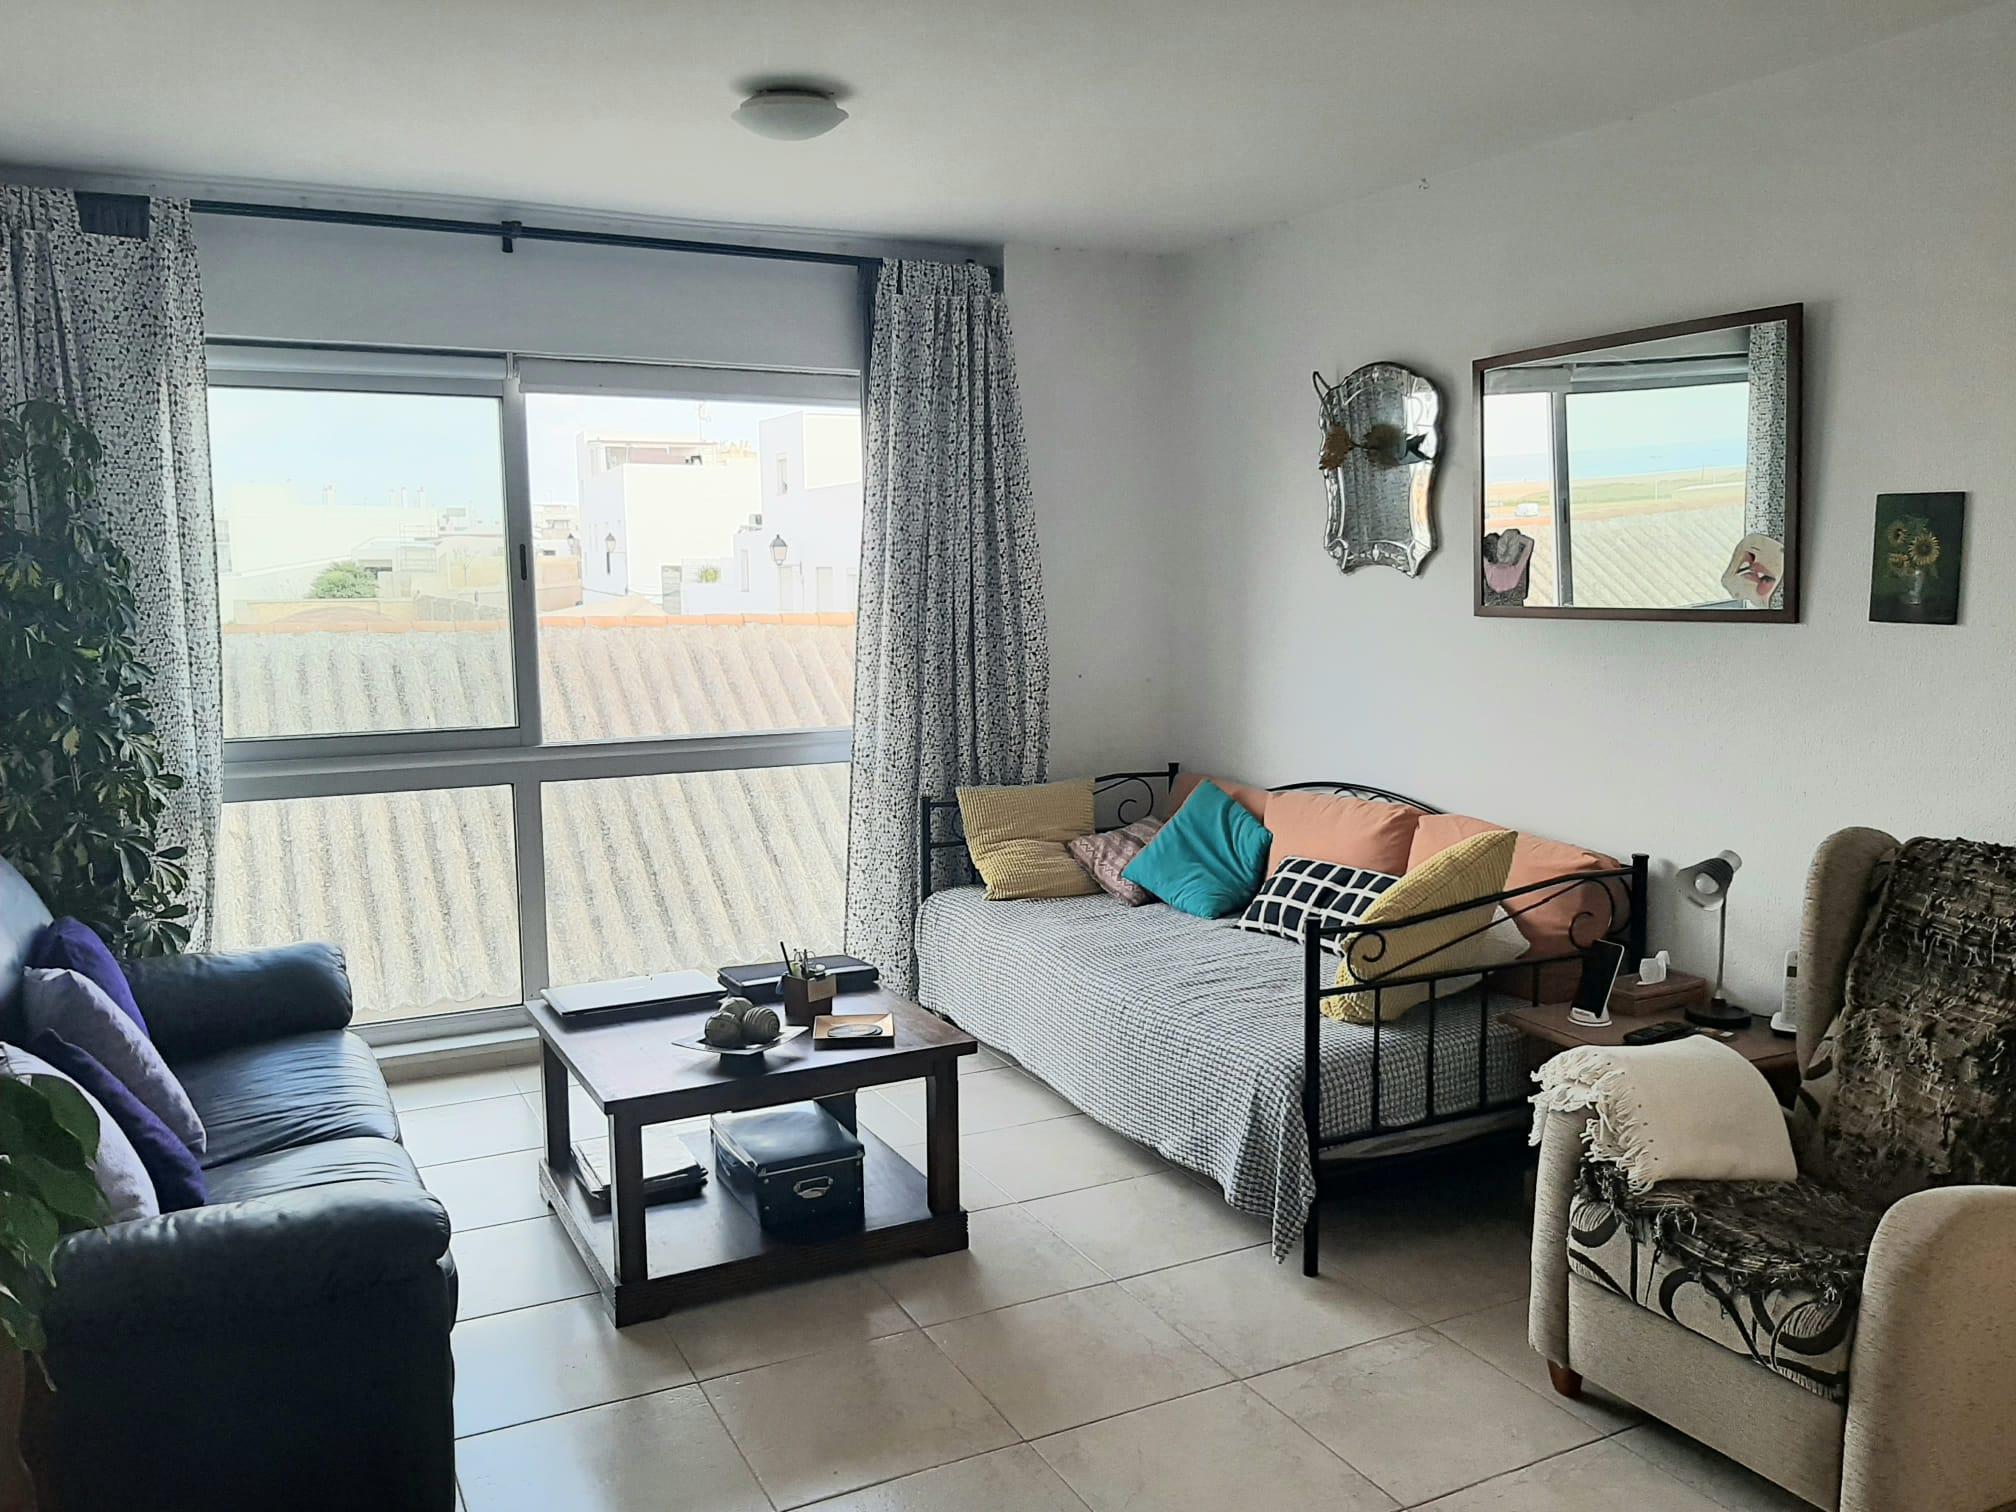 Piso de dos dormitorios en calle almadraba Conil con ascensor